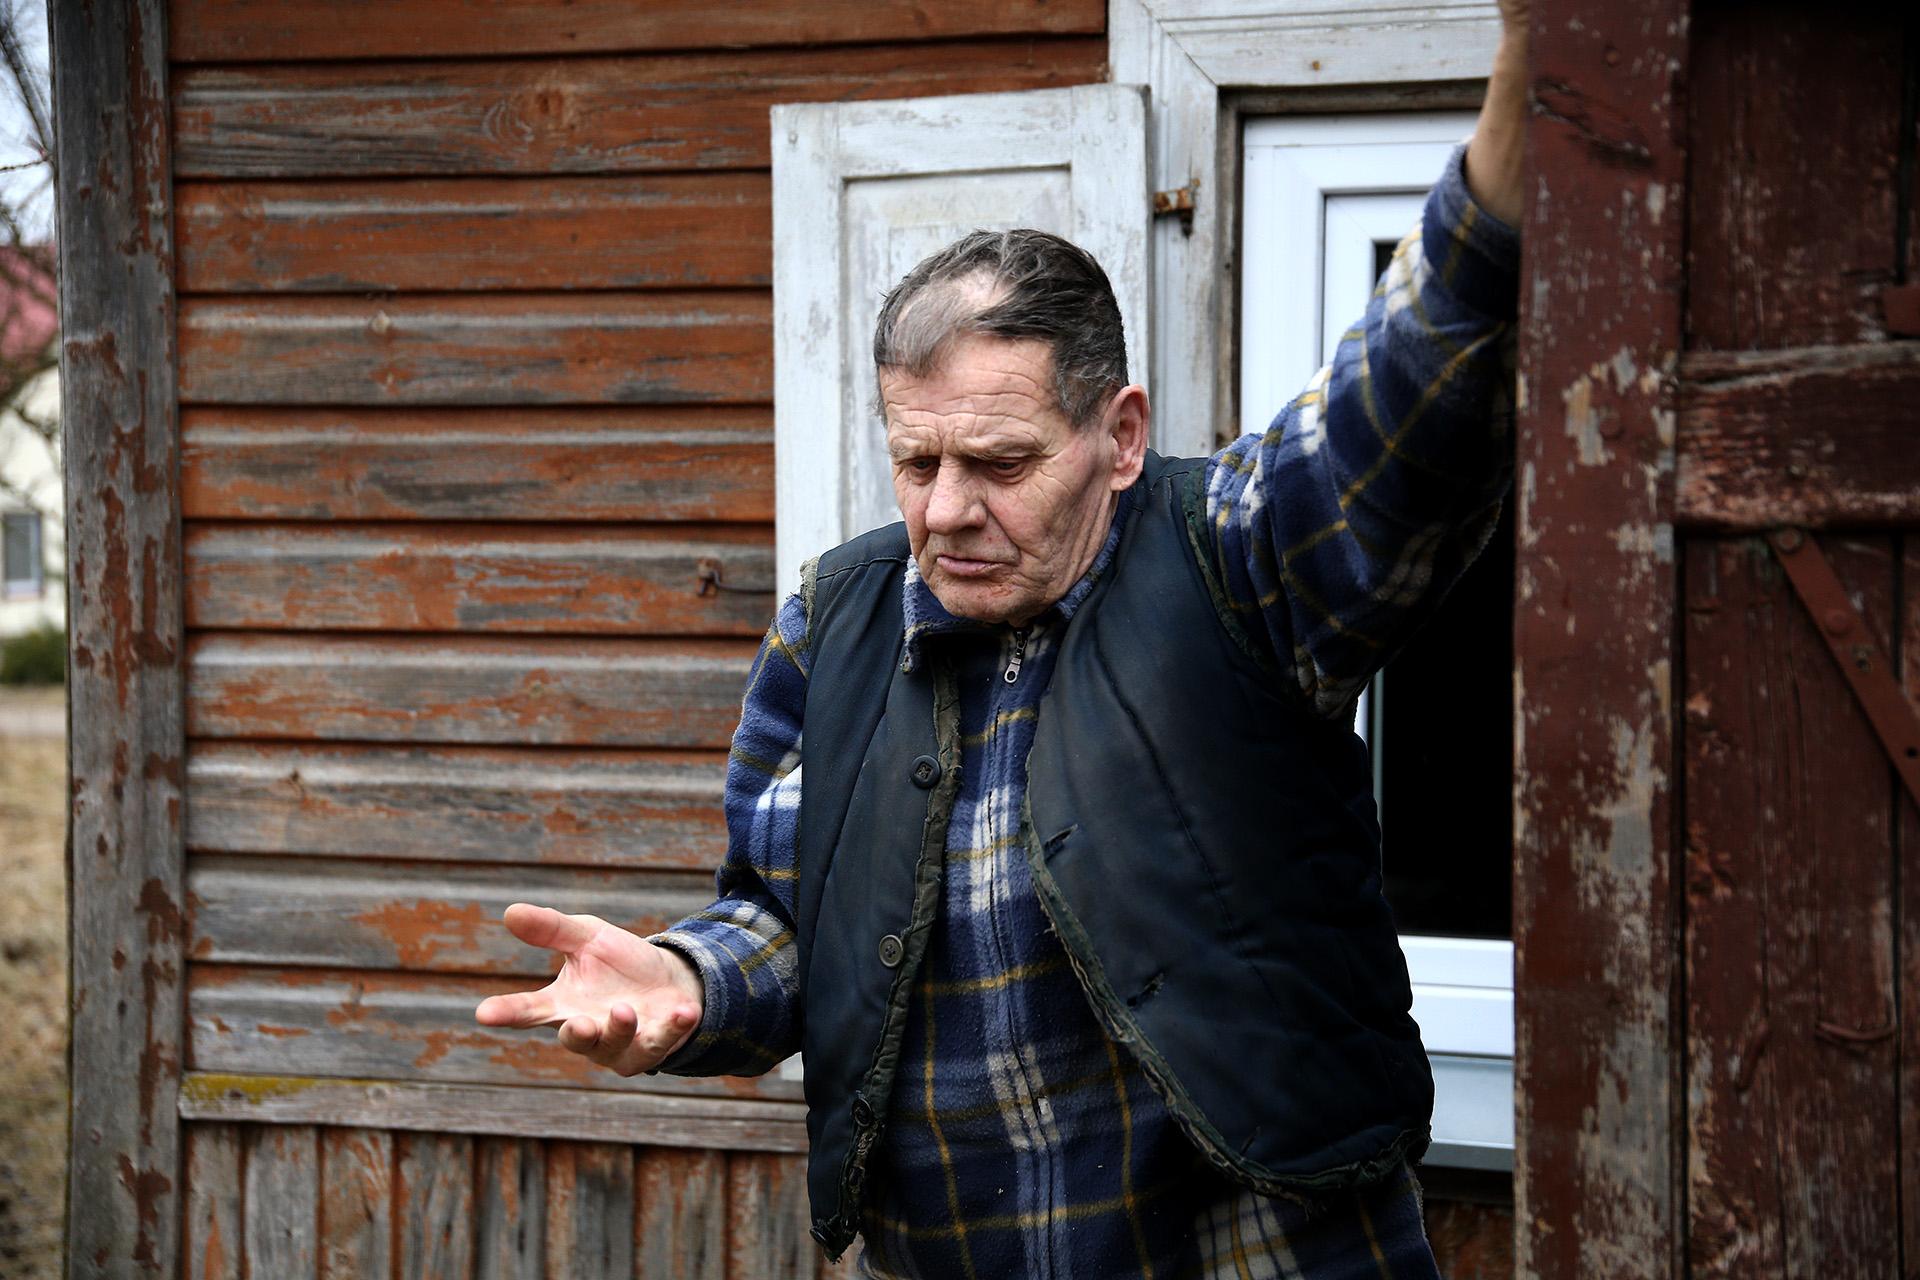 Užeiname į kukliai kaimiškai sutvarkytą pirkią. Ten mus pasitinka vienintelis šios trobos gyventojas Juozas. Vyras pamena senus laikus, kai buvo jaunas, laikė gyvulius. A. Barzdžiaus nuotr.